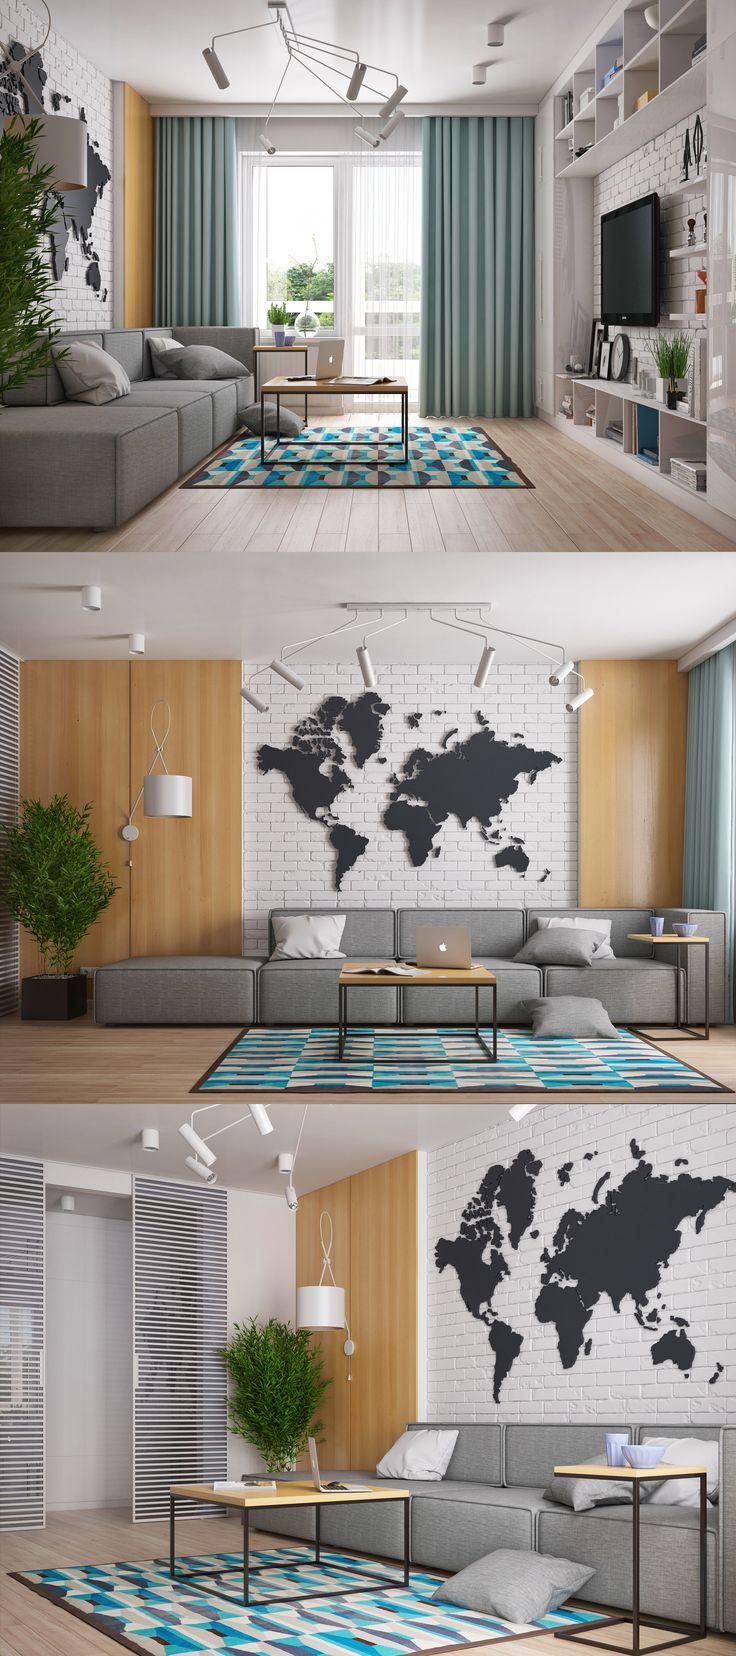 Дизайн квартиры в Ровно. - Галерея 3ddd.ru